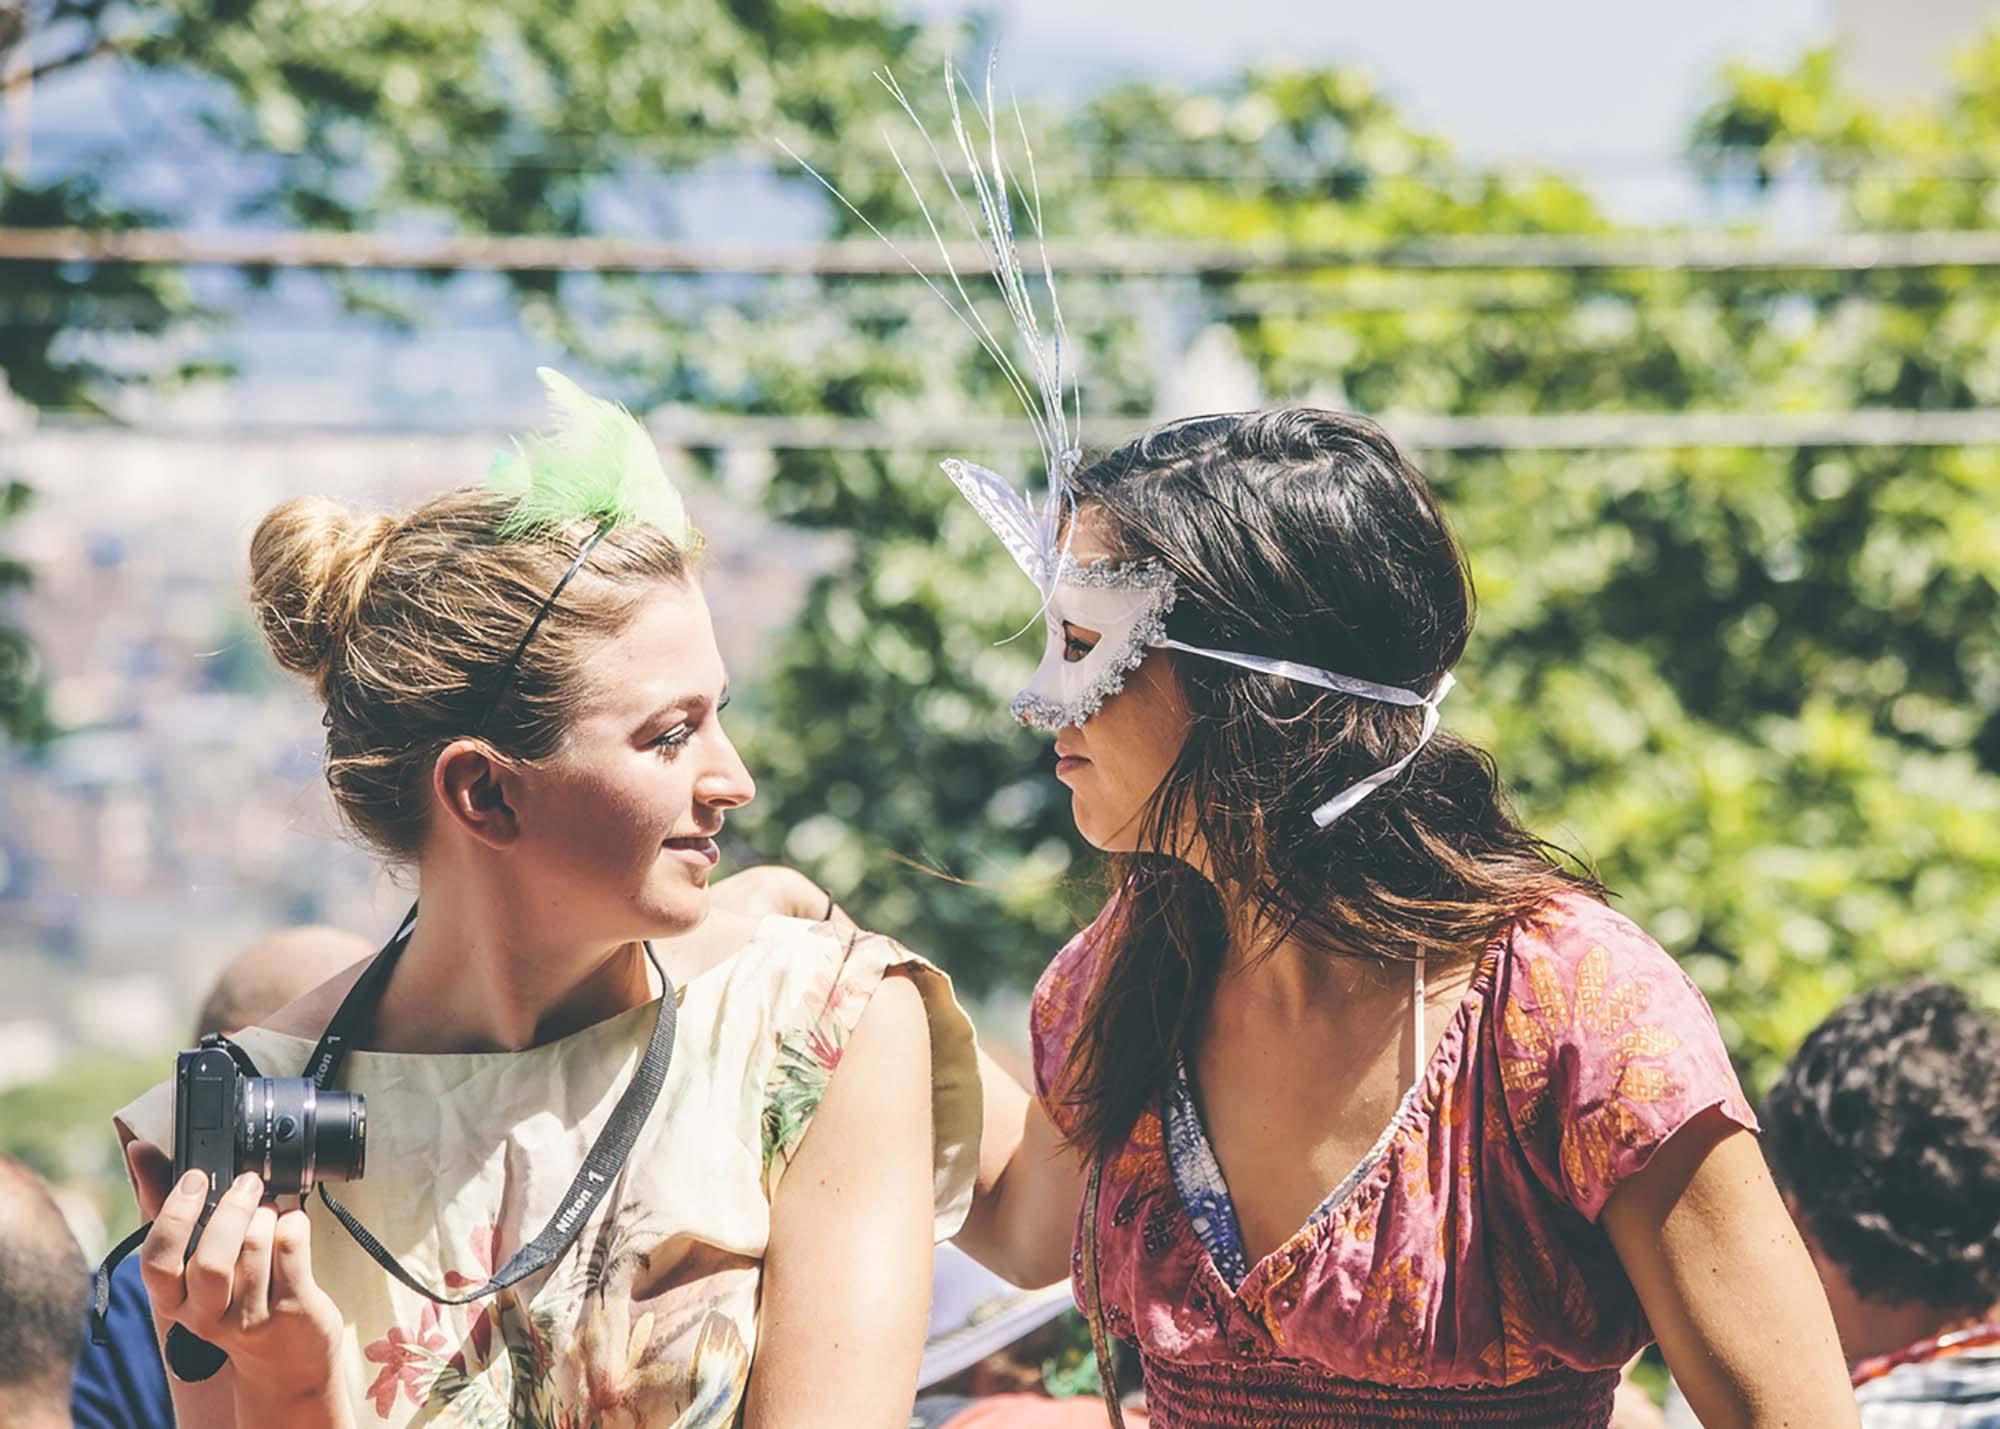 Duas meninas fantasiadas conversam, uma com um coque no cabelo e outra com cabelo solto, elas ilustram matéria sobre Cabelo para o Carnaval da sua vida